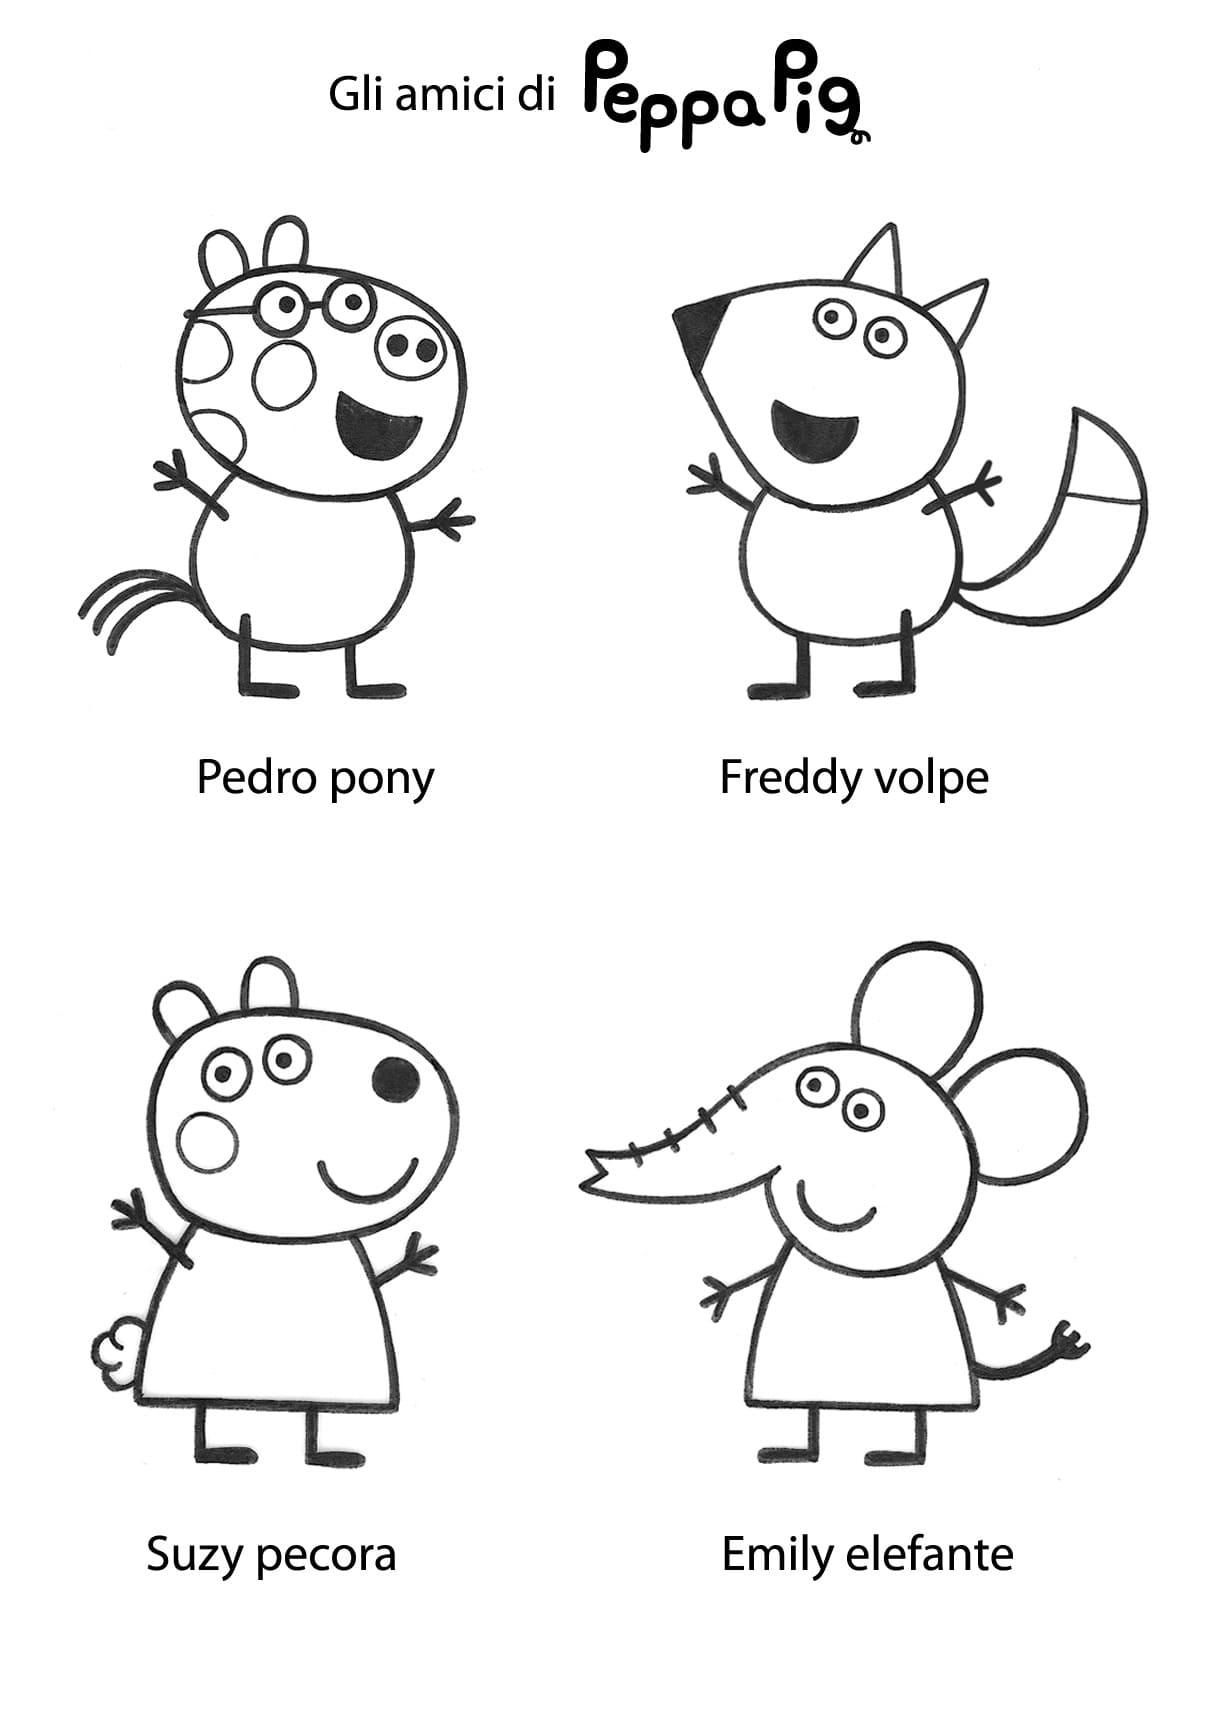 Disegno Di Peppa Pig Da Colorare.Disegni Di Peppa Pig Da Colorare Stampa Online 90 Immagini